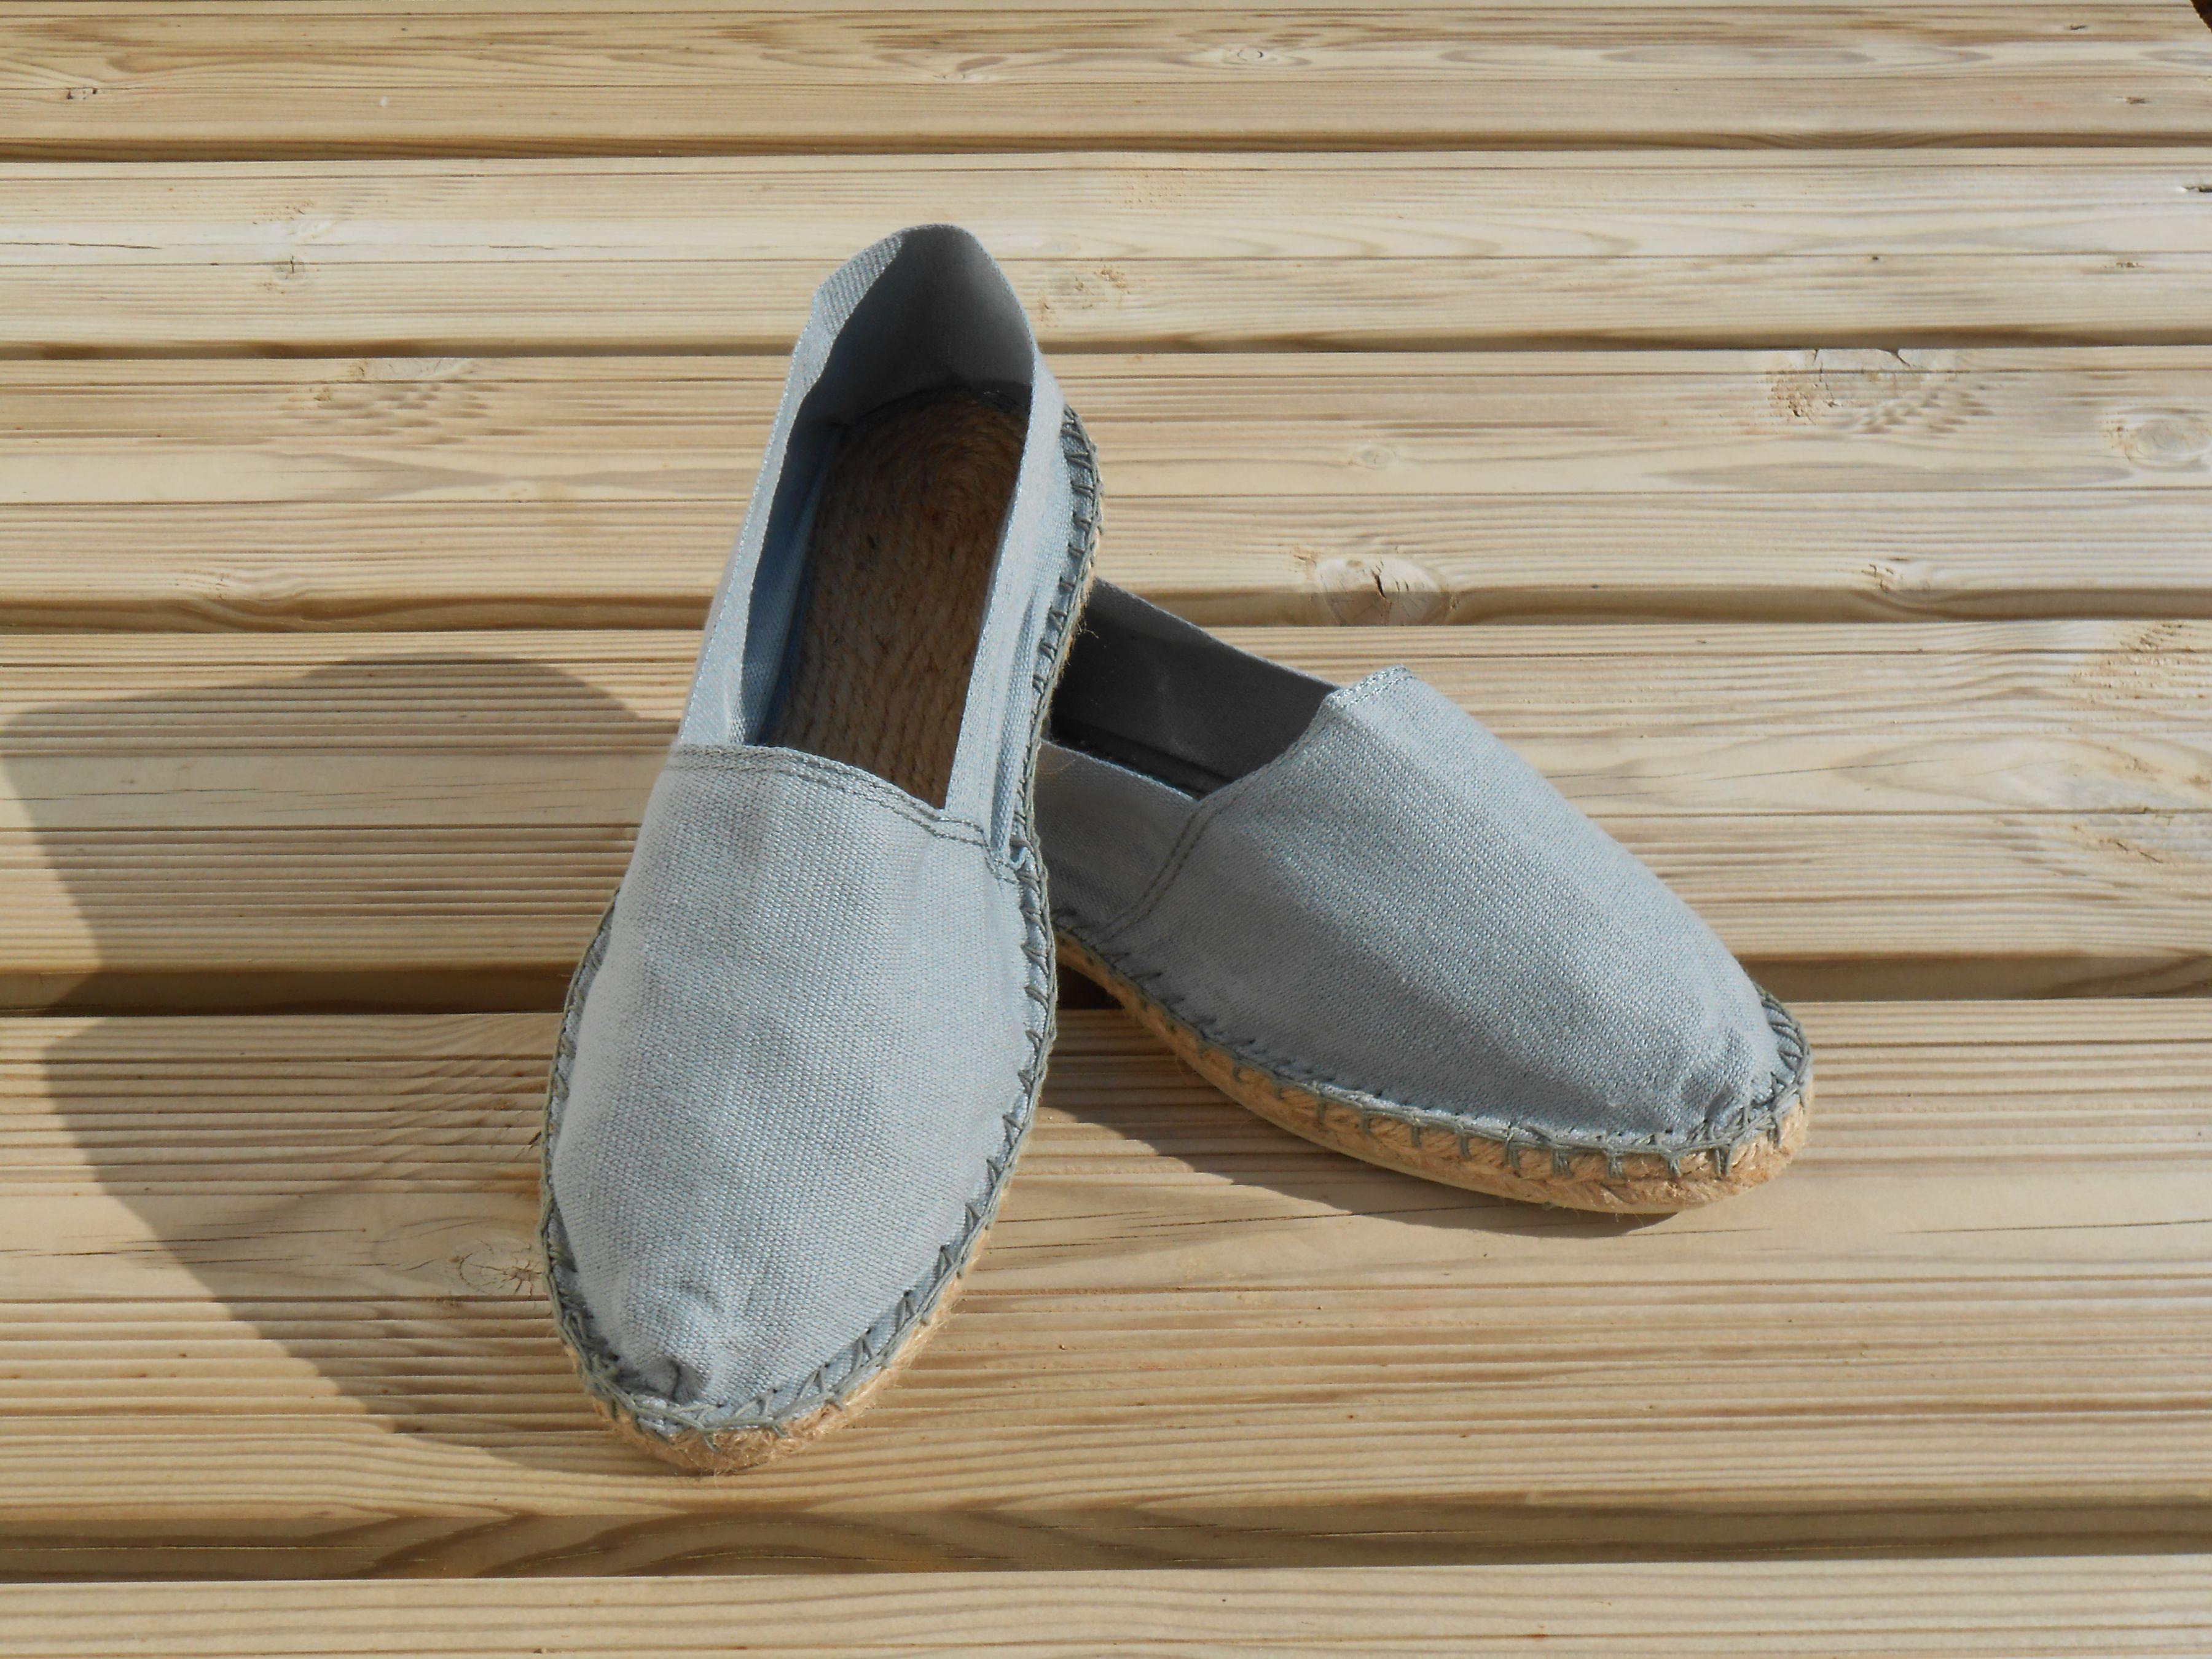 Espadrilles basques grises taille 41